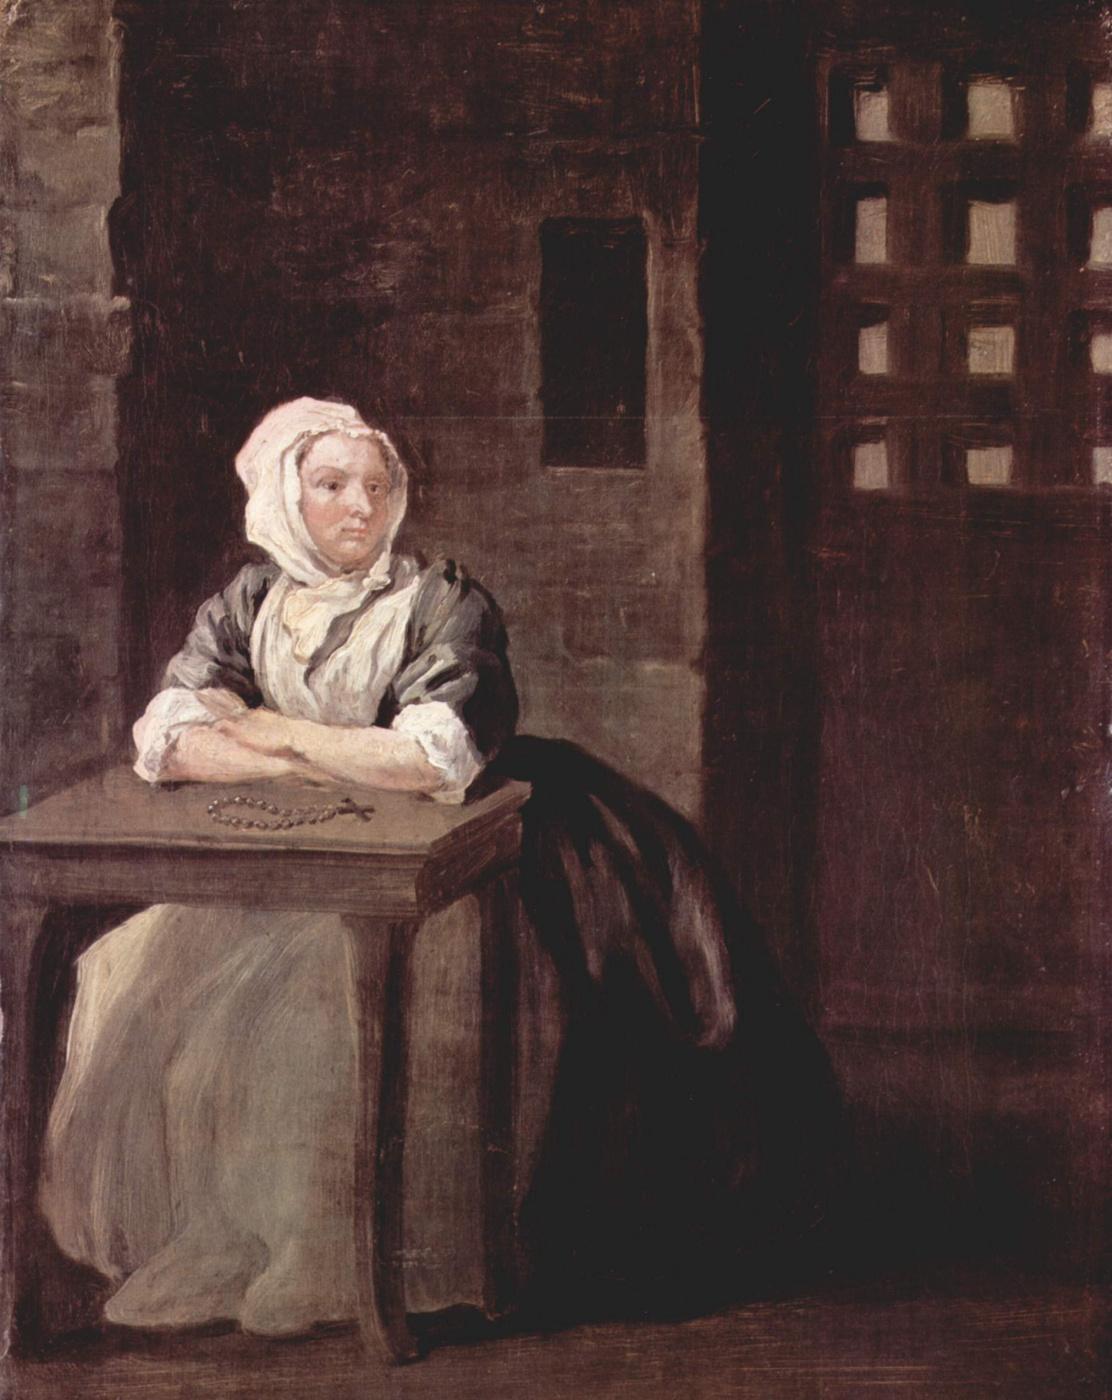 William Hogarth. Sarah Macolm in prison